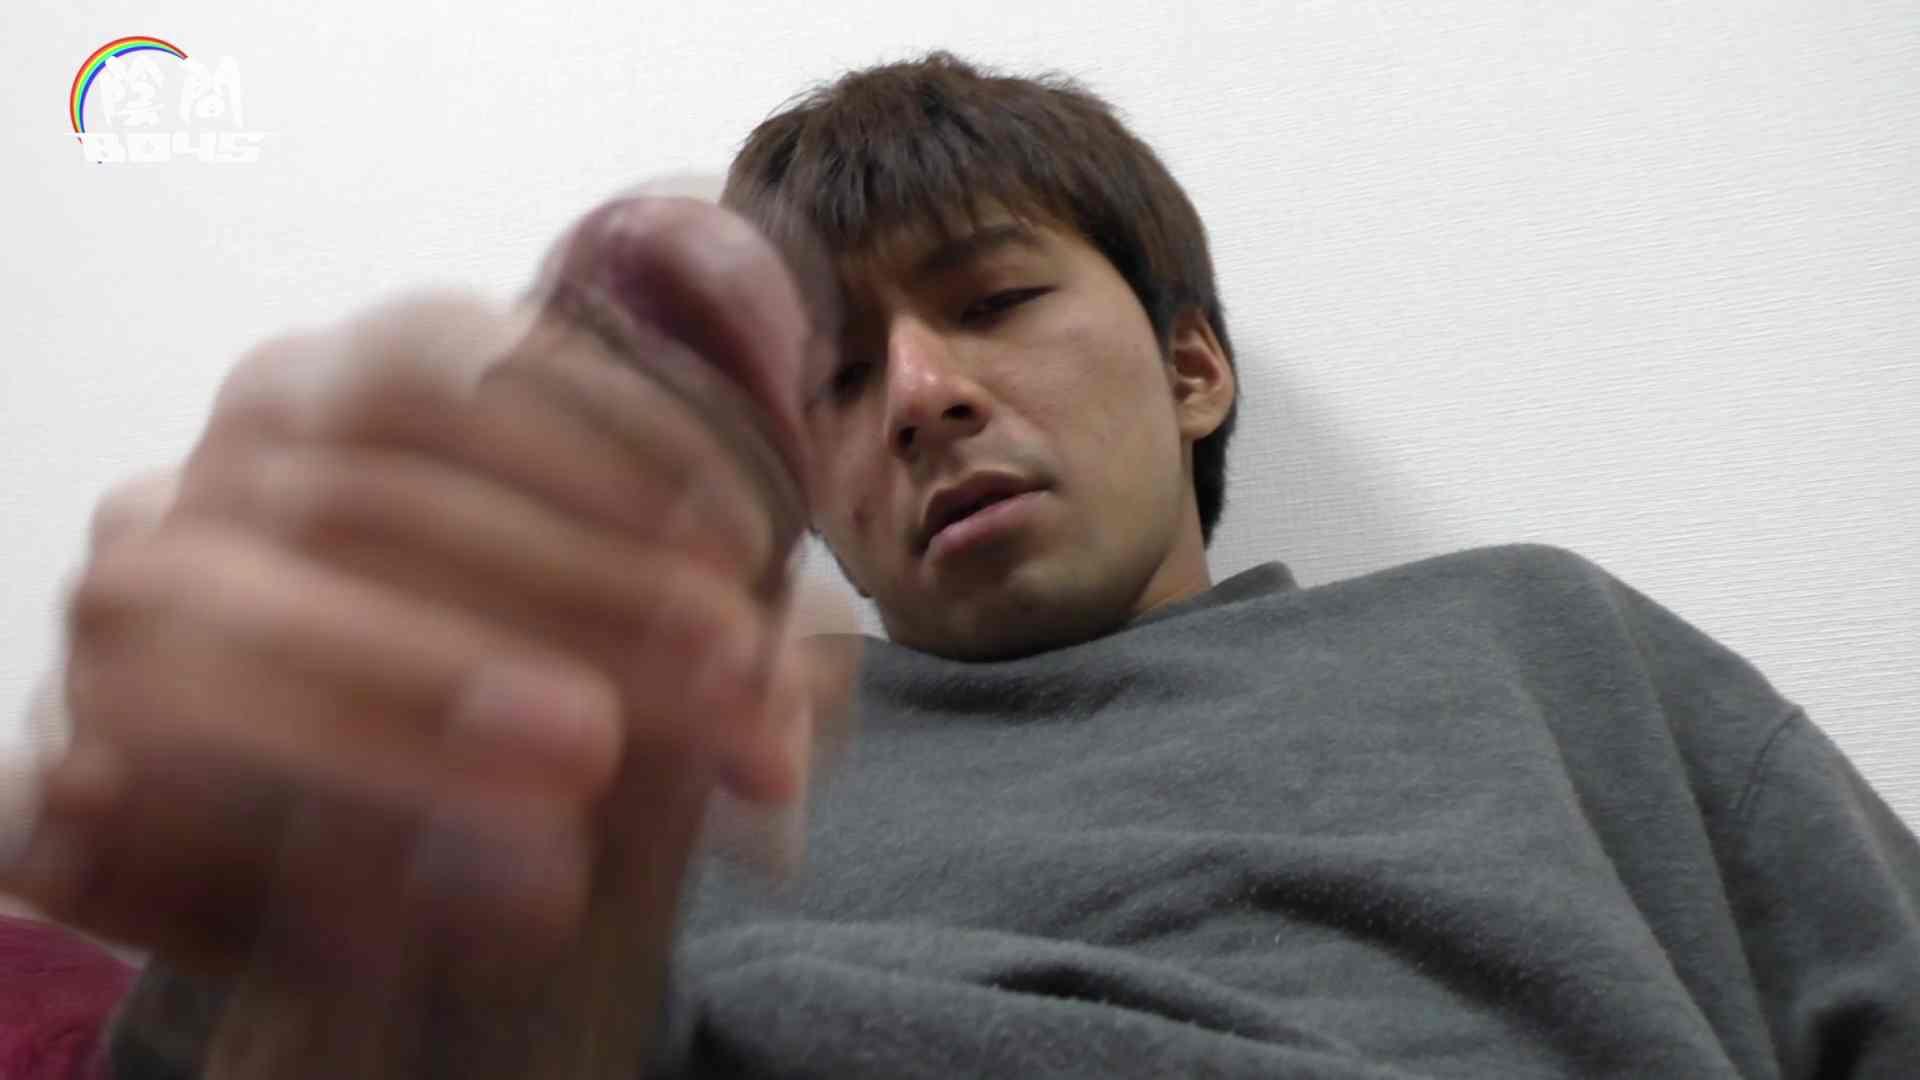 アナルは決して眠らない No.01 ザーメン ゲイセックス画像 110pic 108